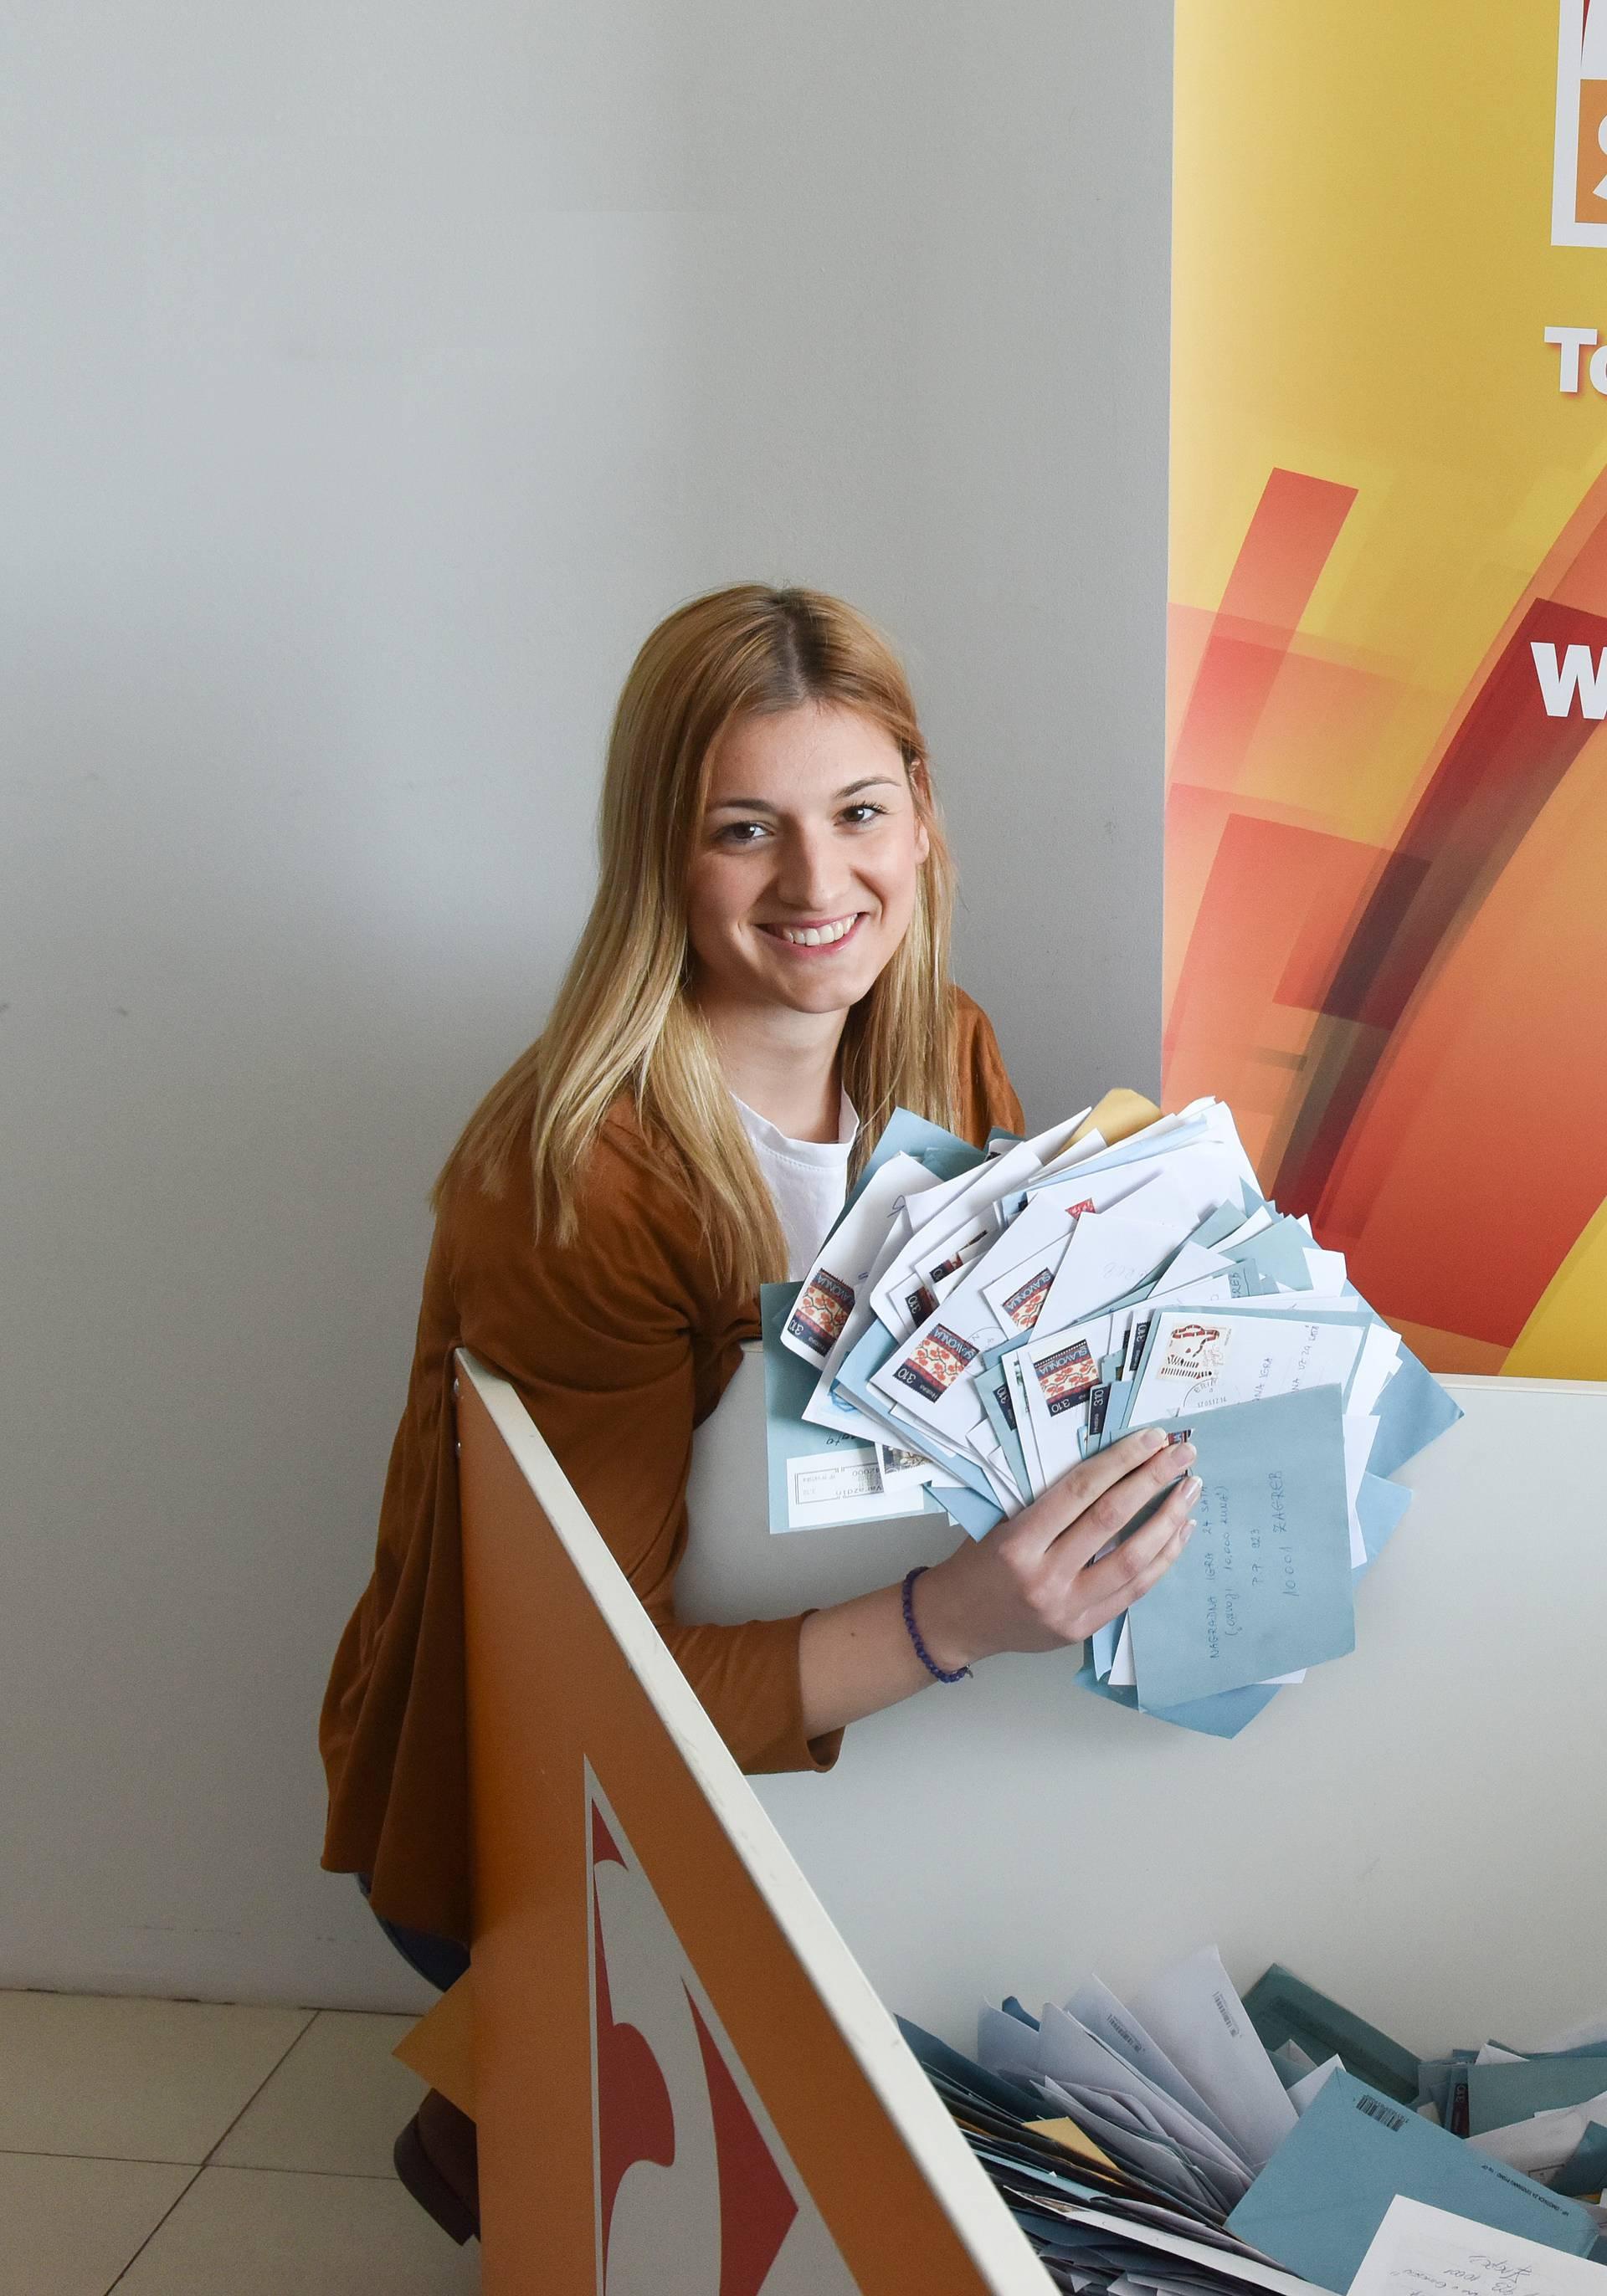 Josipa iz Bjelovara već peti put osvojila nagradu u 24sata